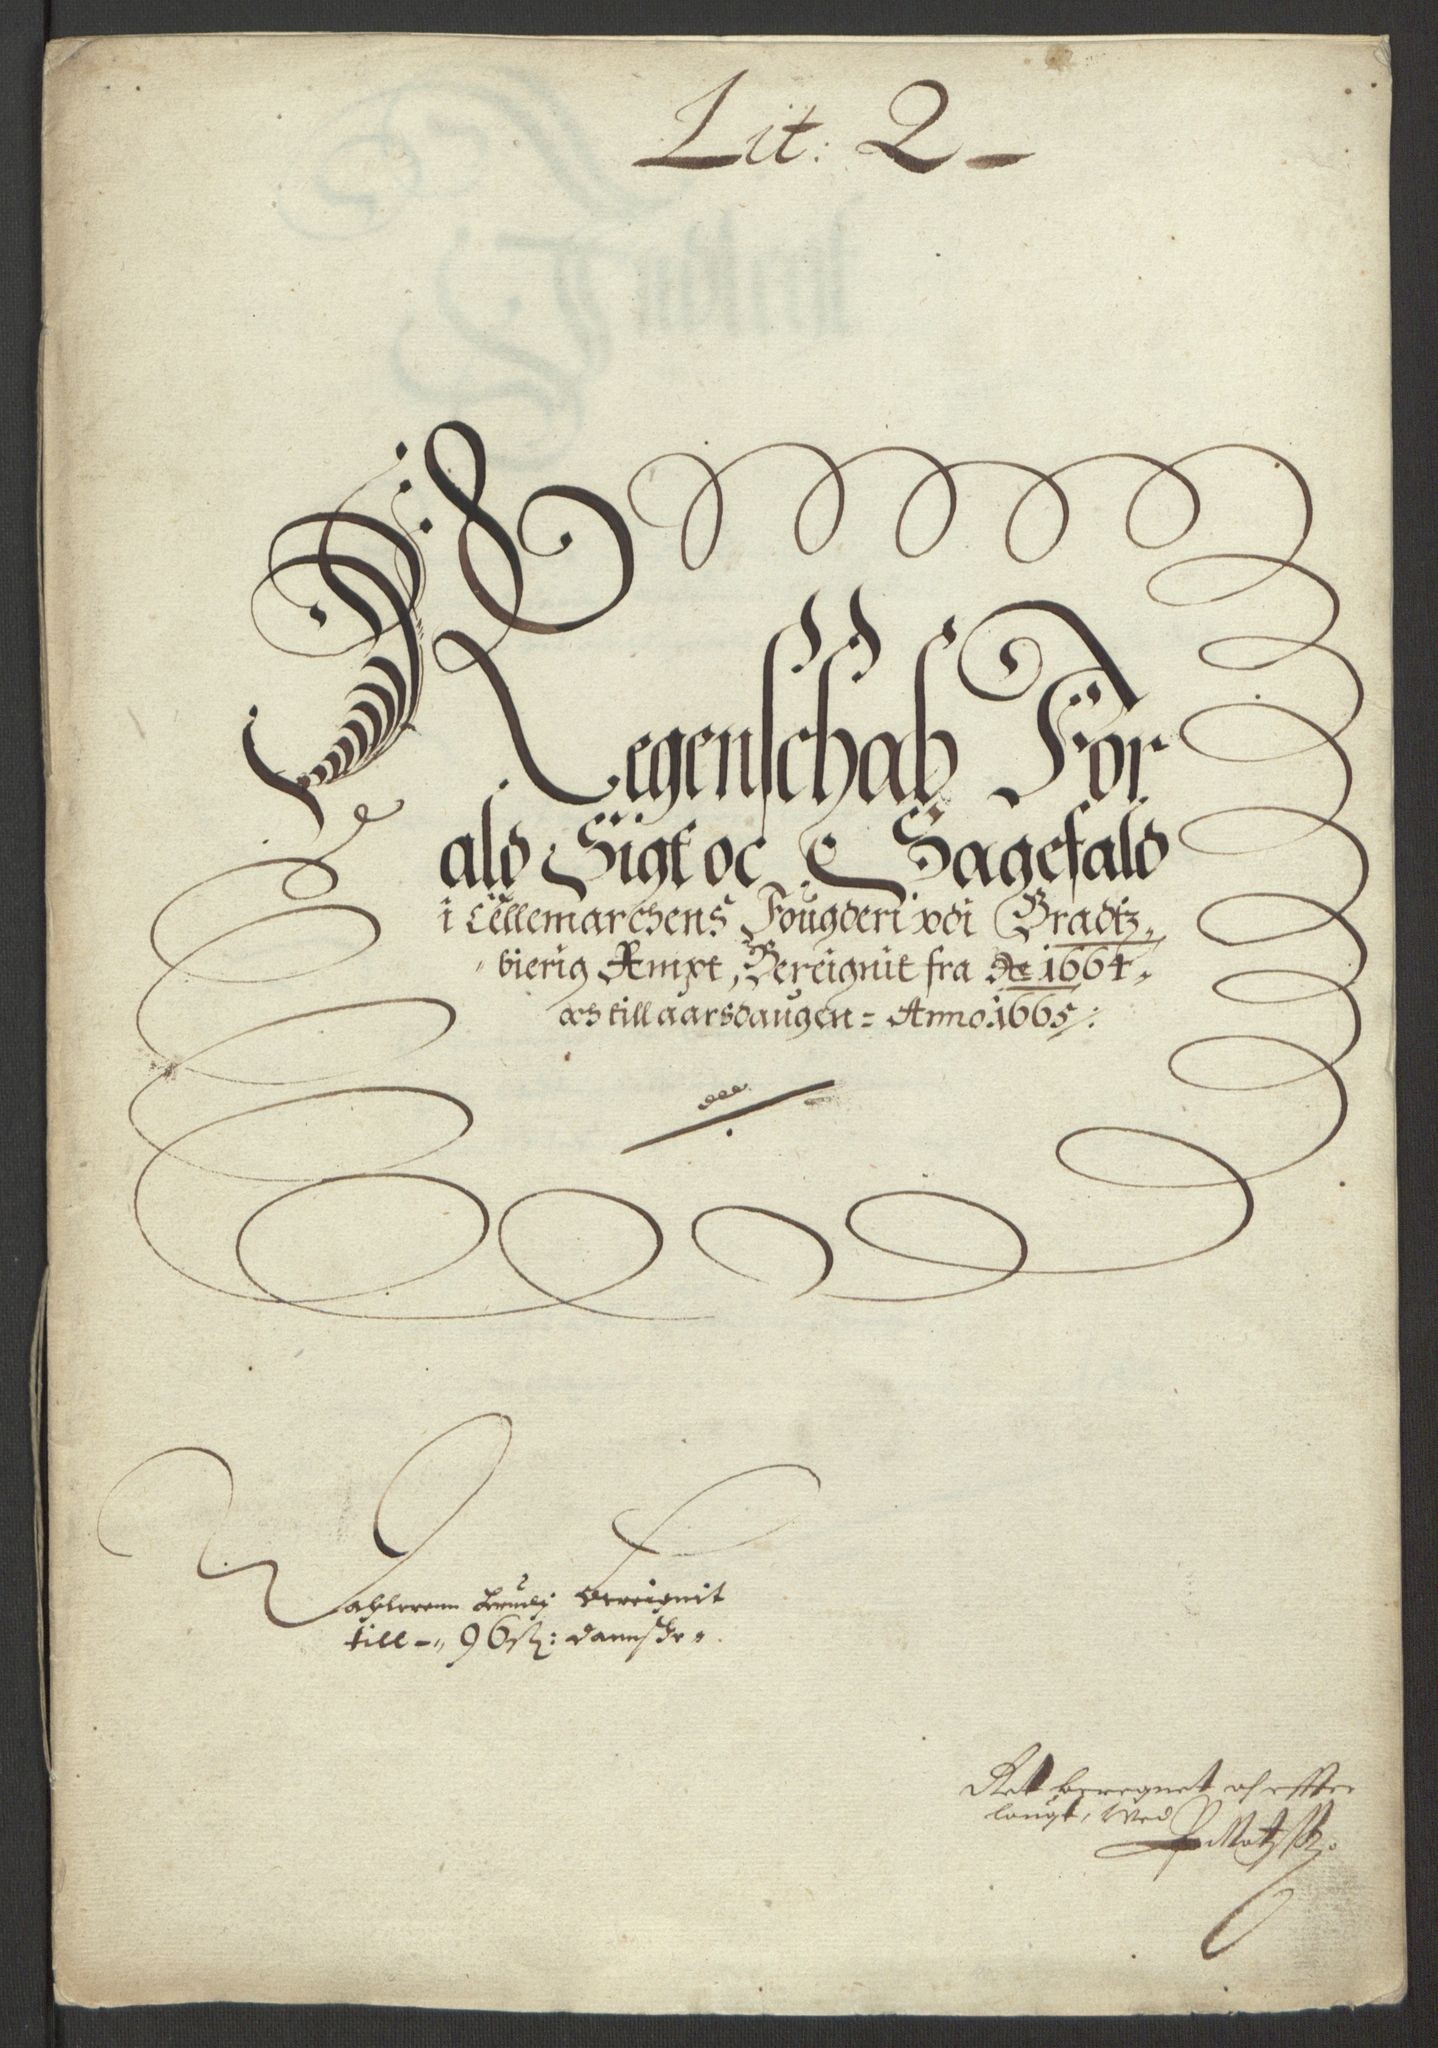 RA, Rentekammeret inntil 1814, Reviderte regnskaper, Fogderegnskap, R35/L2055: Fogderegnskap Øvre og Nedre Telemark, 1664, s. 163